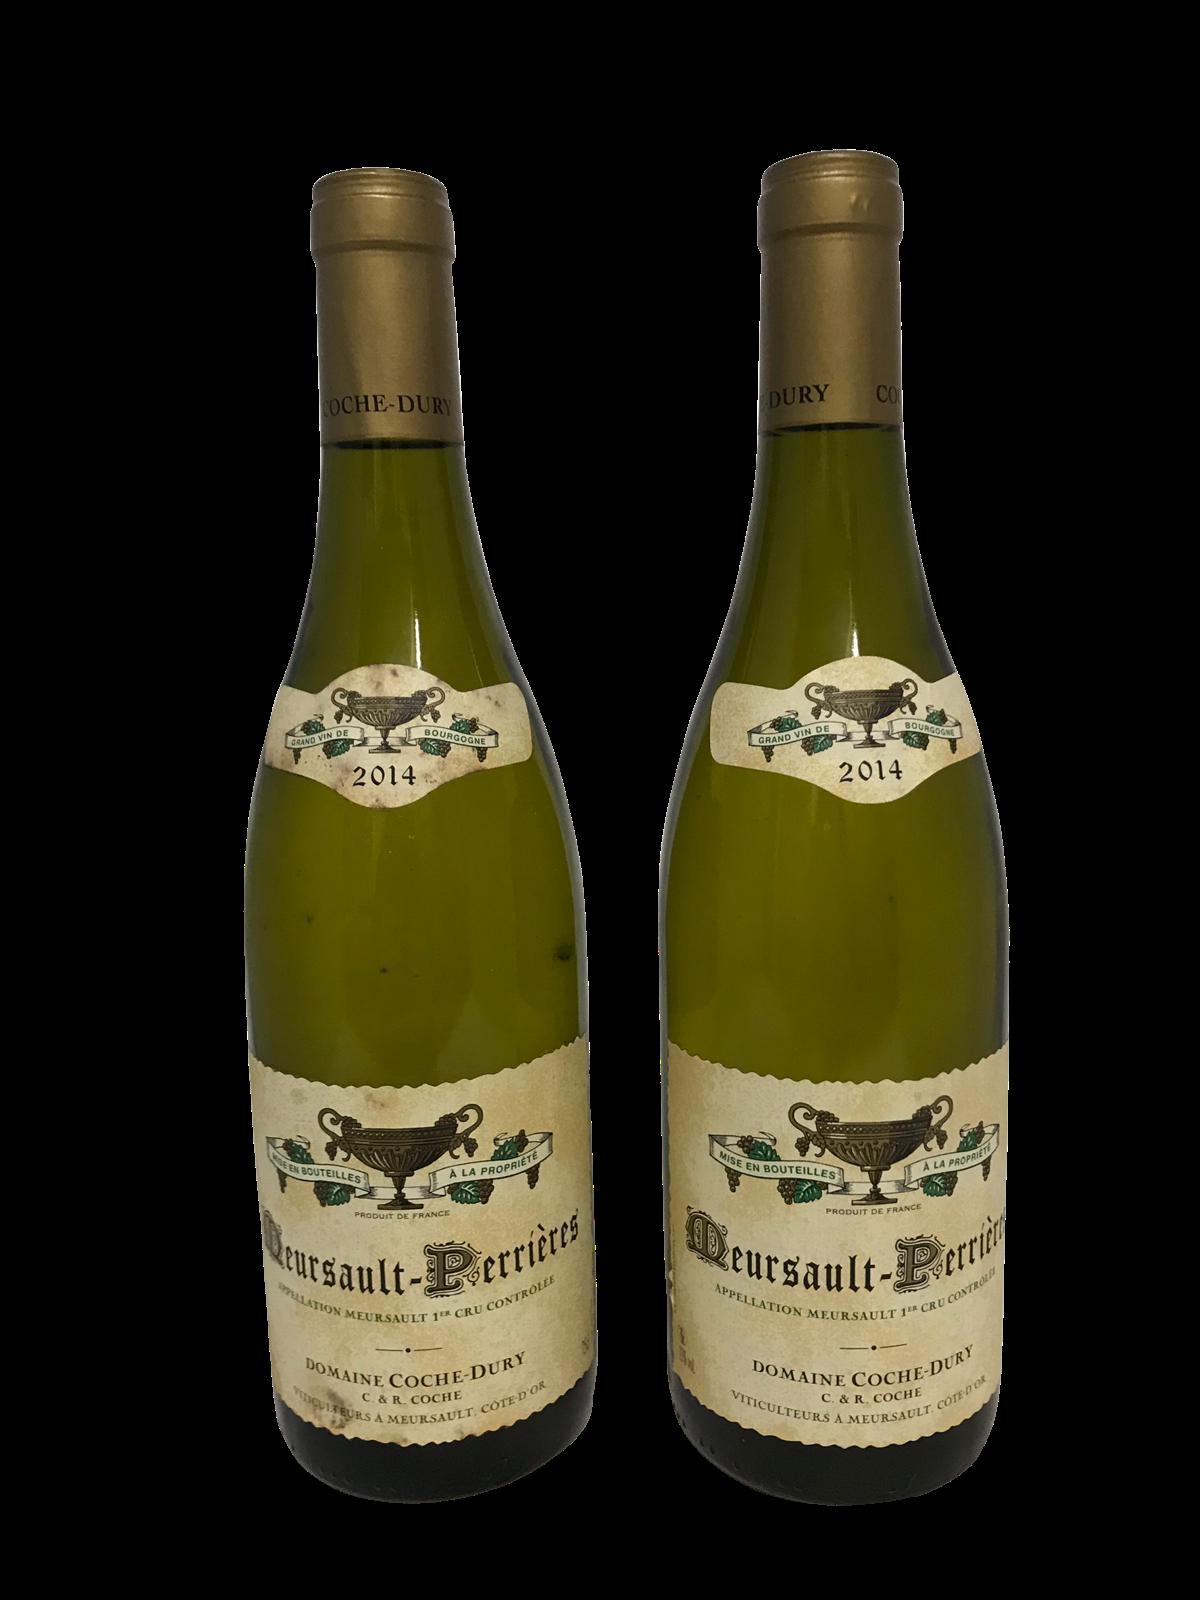 Domaine Coche Dury – Meursault 1er Cru Les Perrières 2014